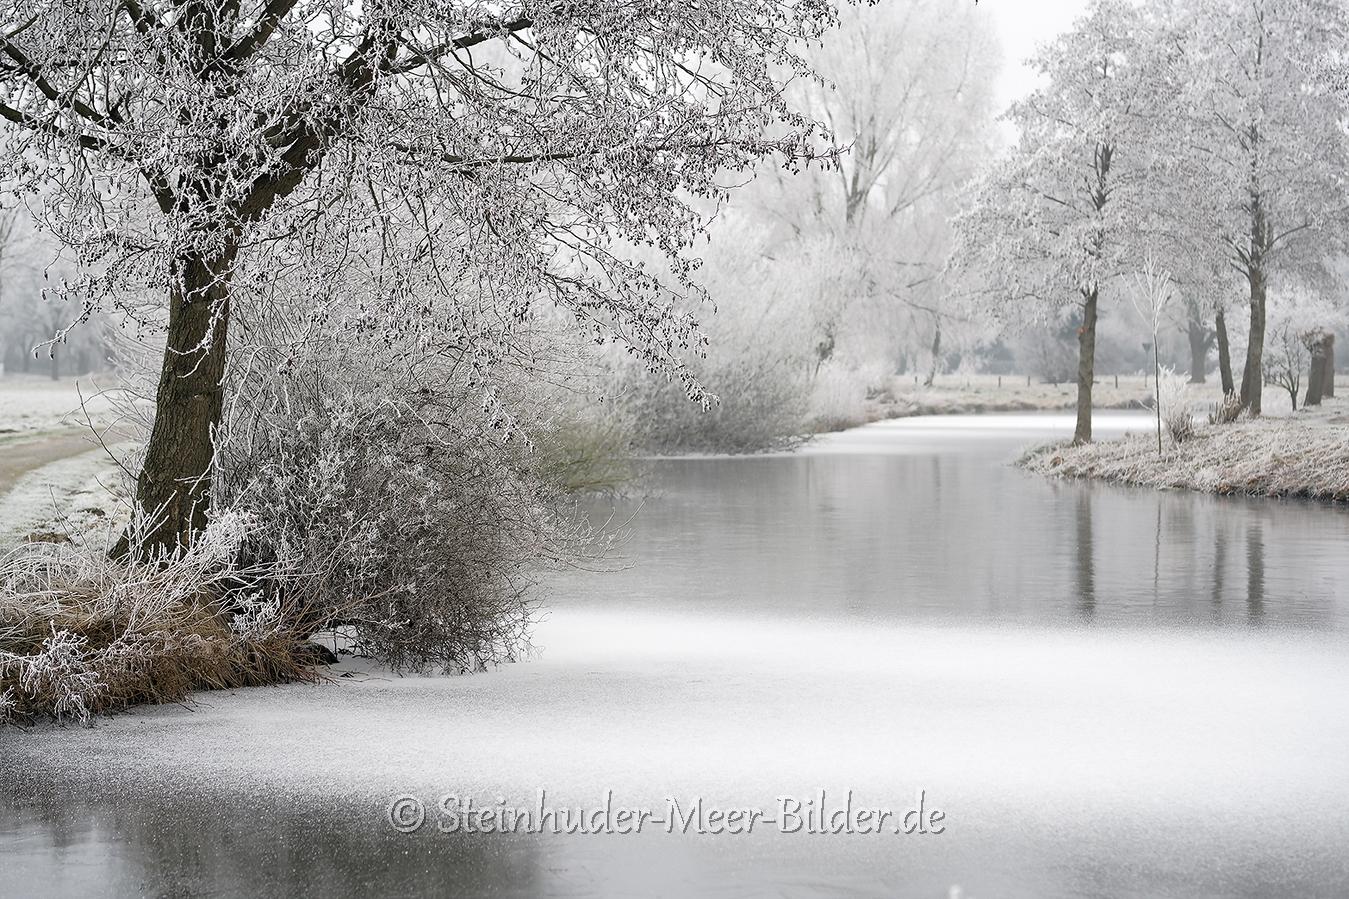 winter-steinhuder-meer-eis-schnee-zugefroren-eisdecke-naturpark-naturraum-region-A7RII-DSC01149